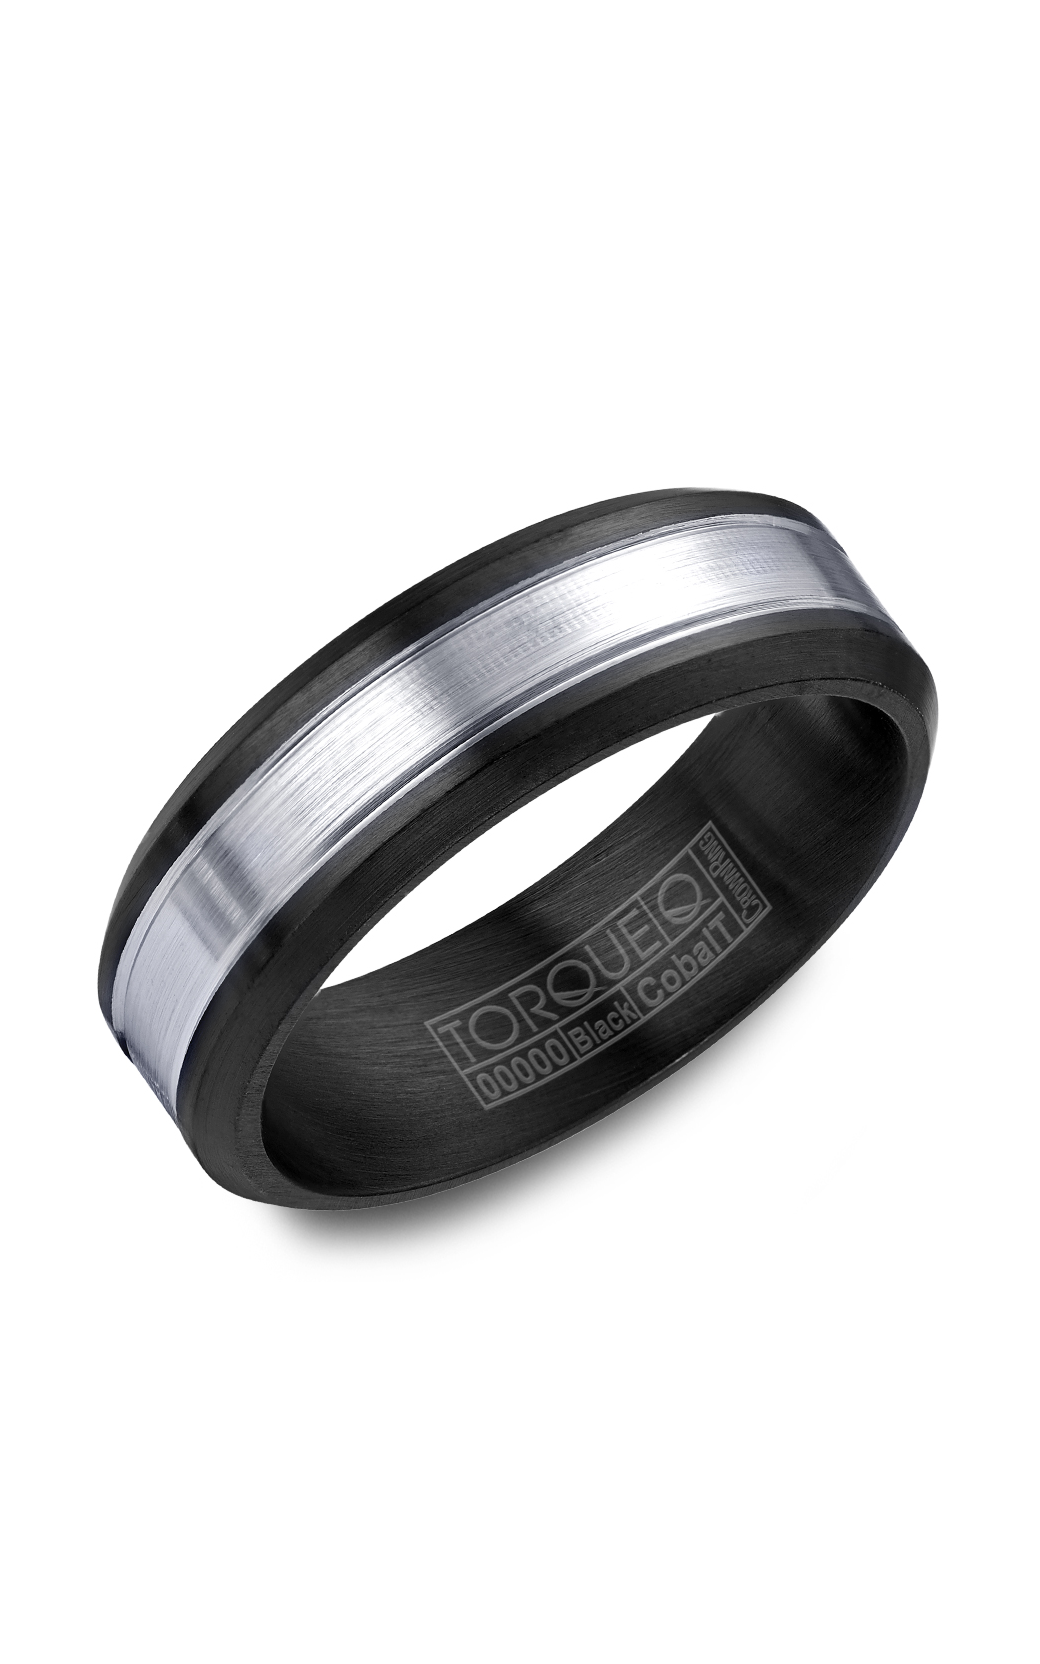 Torque Black Cobalt CBB-2054 product image